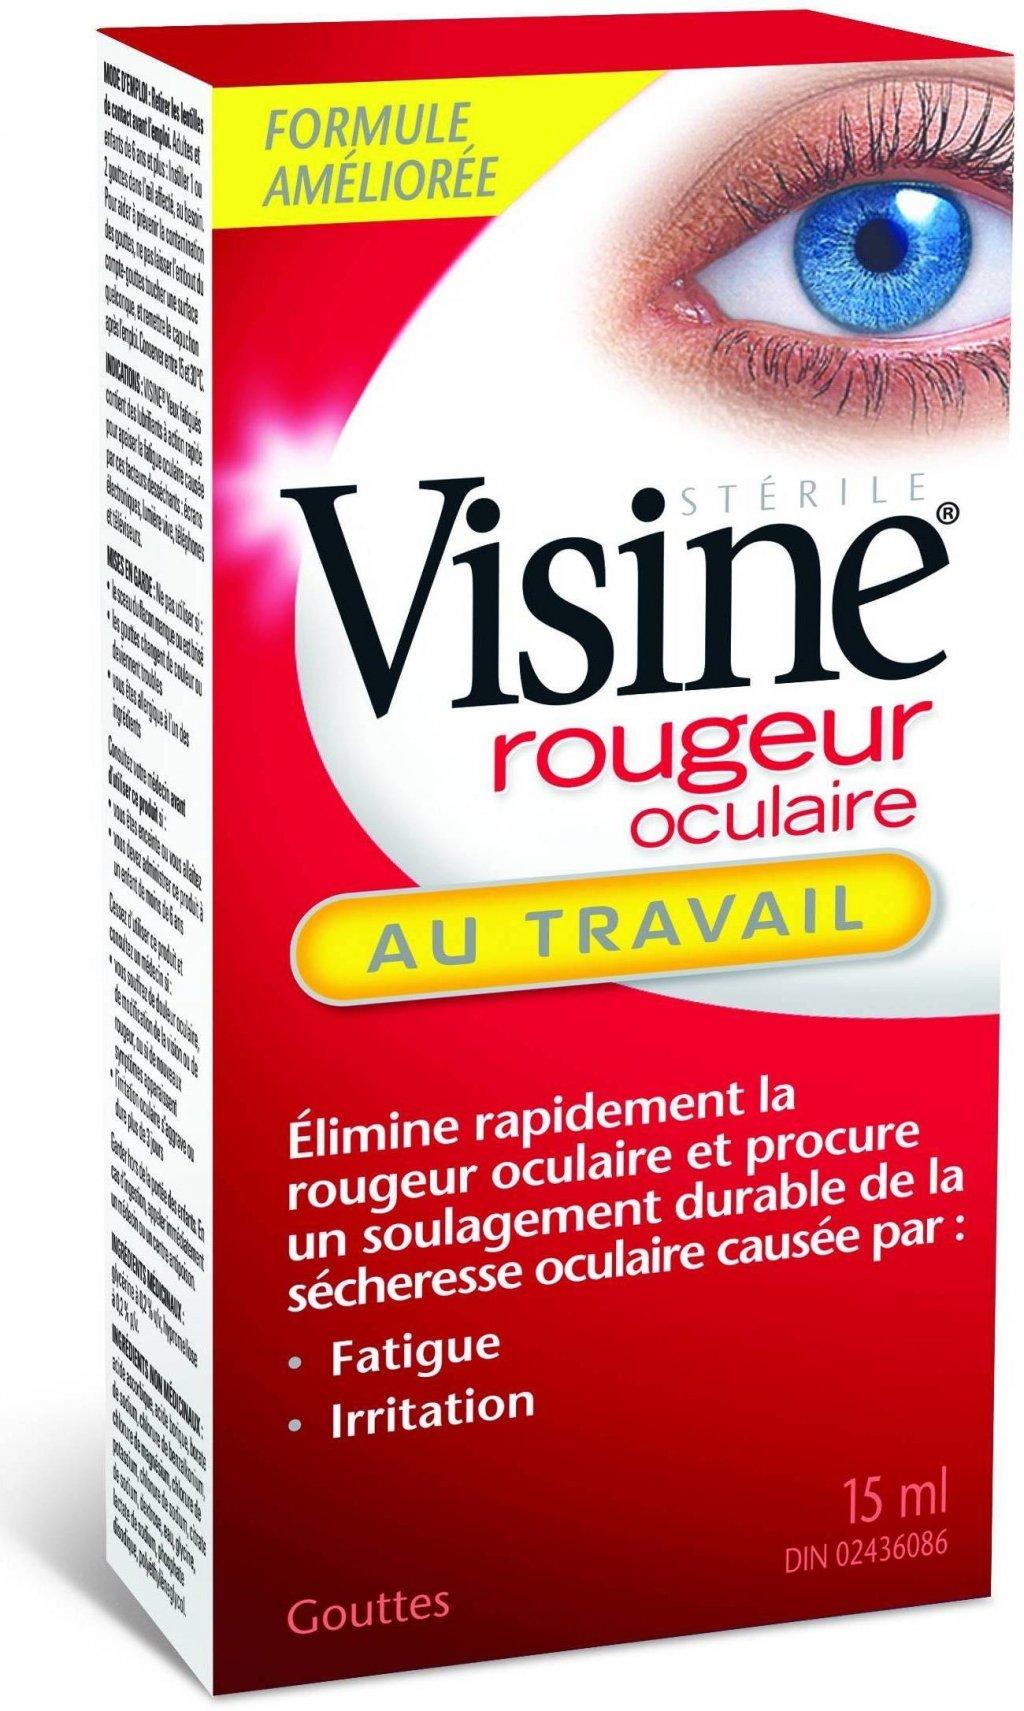 Visine rougeur oculaire au travail